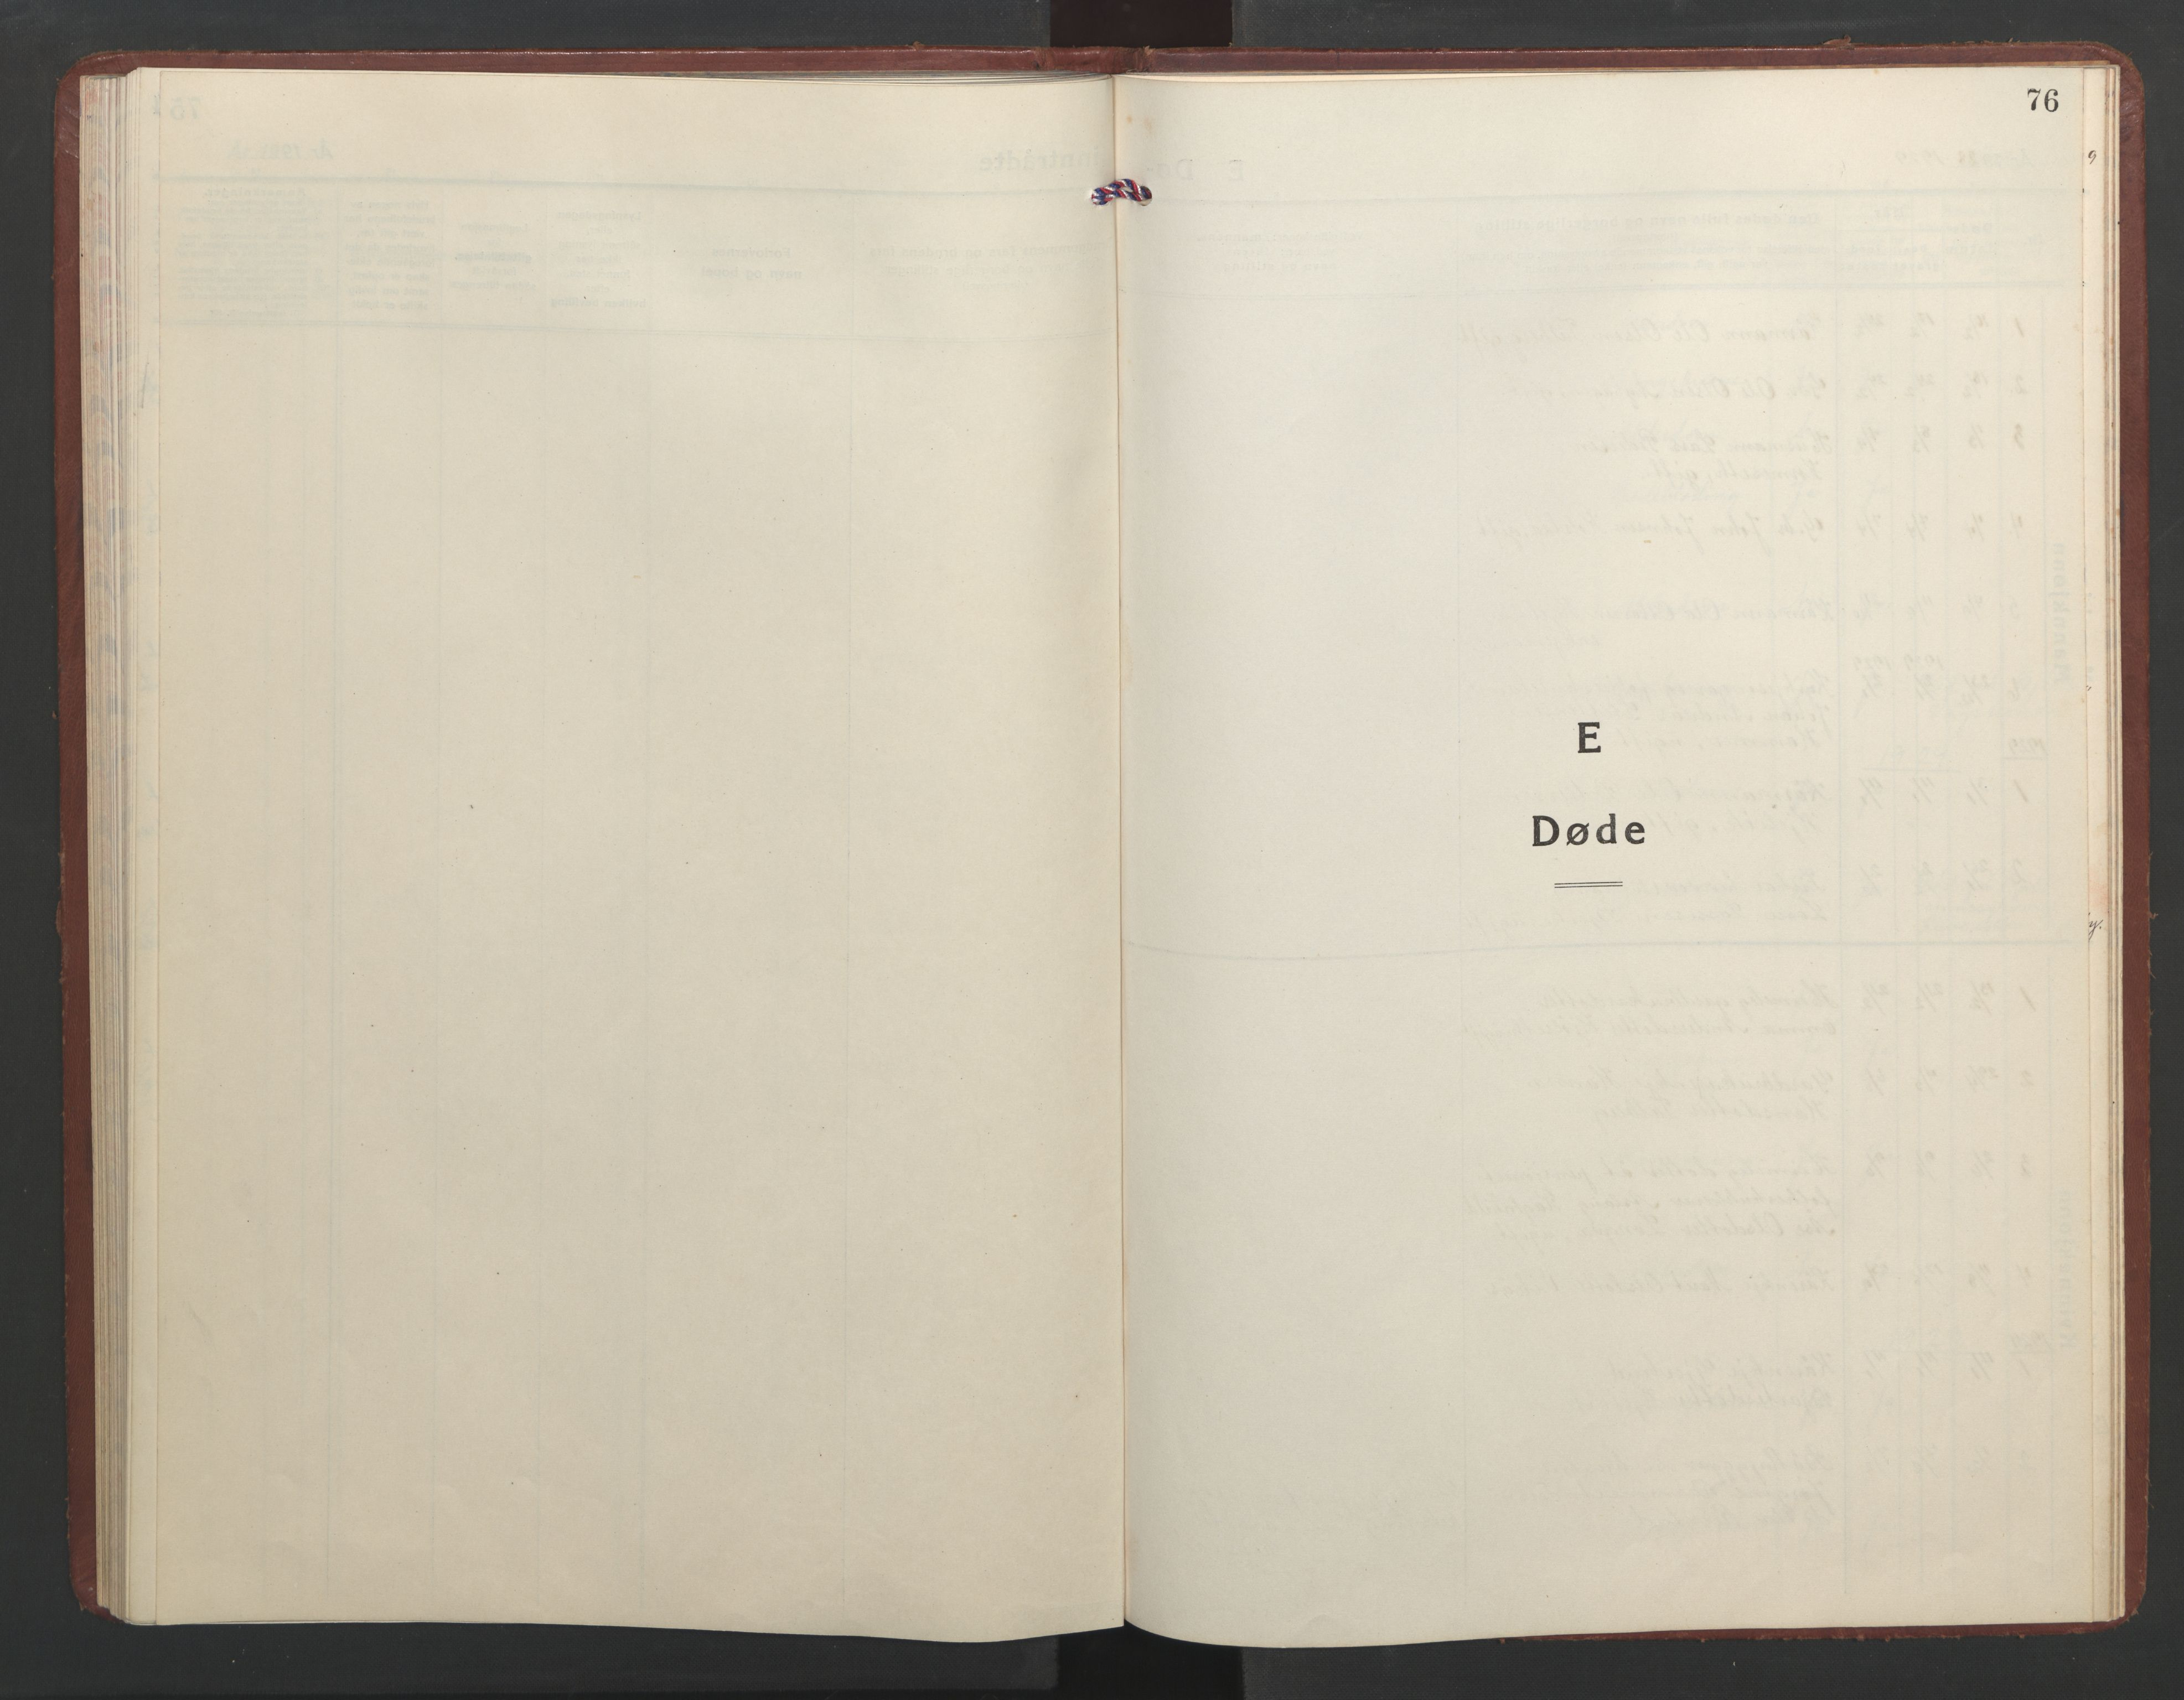 SAT, Ministerialprotokoller, klokkerbøker og fødselsregistre - Møre og Romsdal, 550/L0619: Klokkerbok nr. 550C02, 1928-1967, s. 76